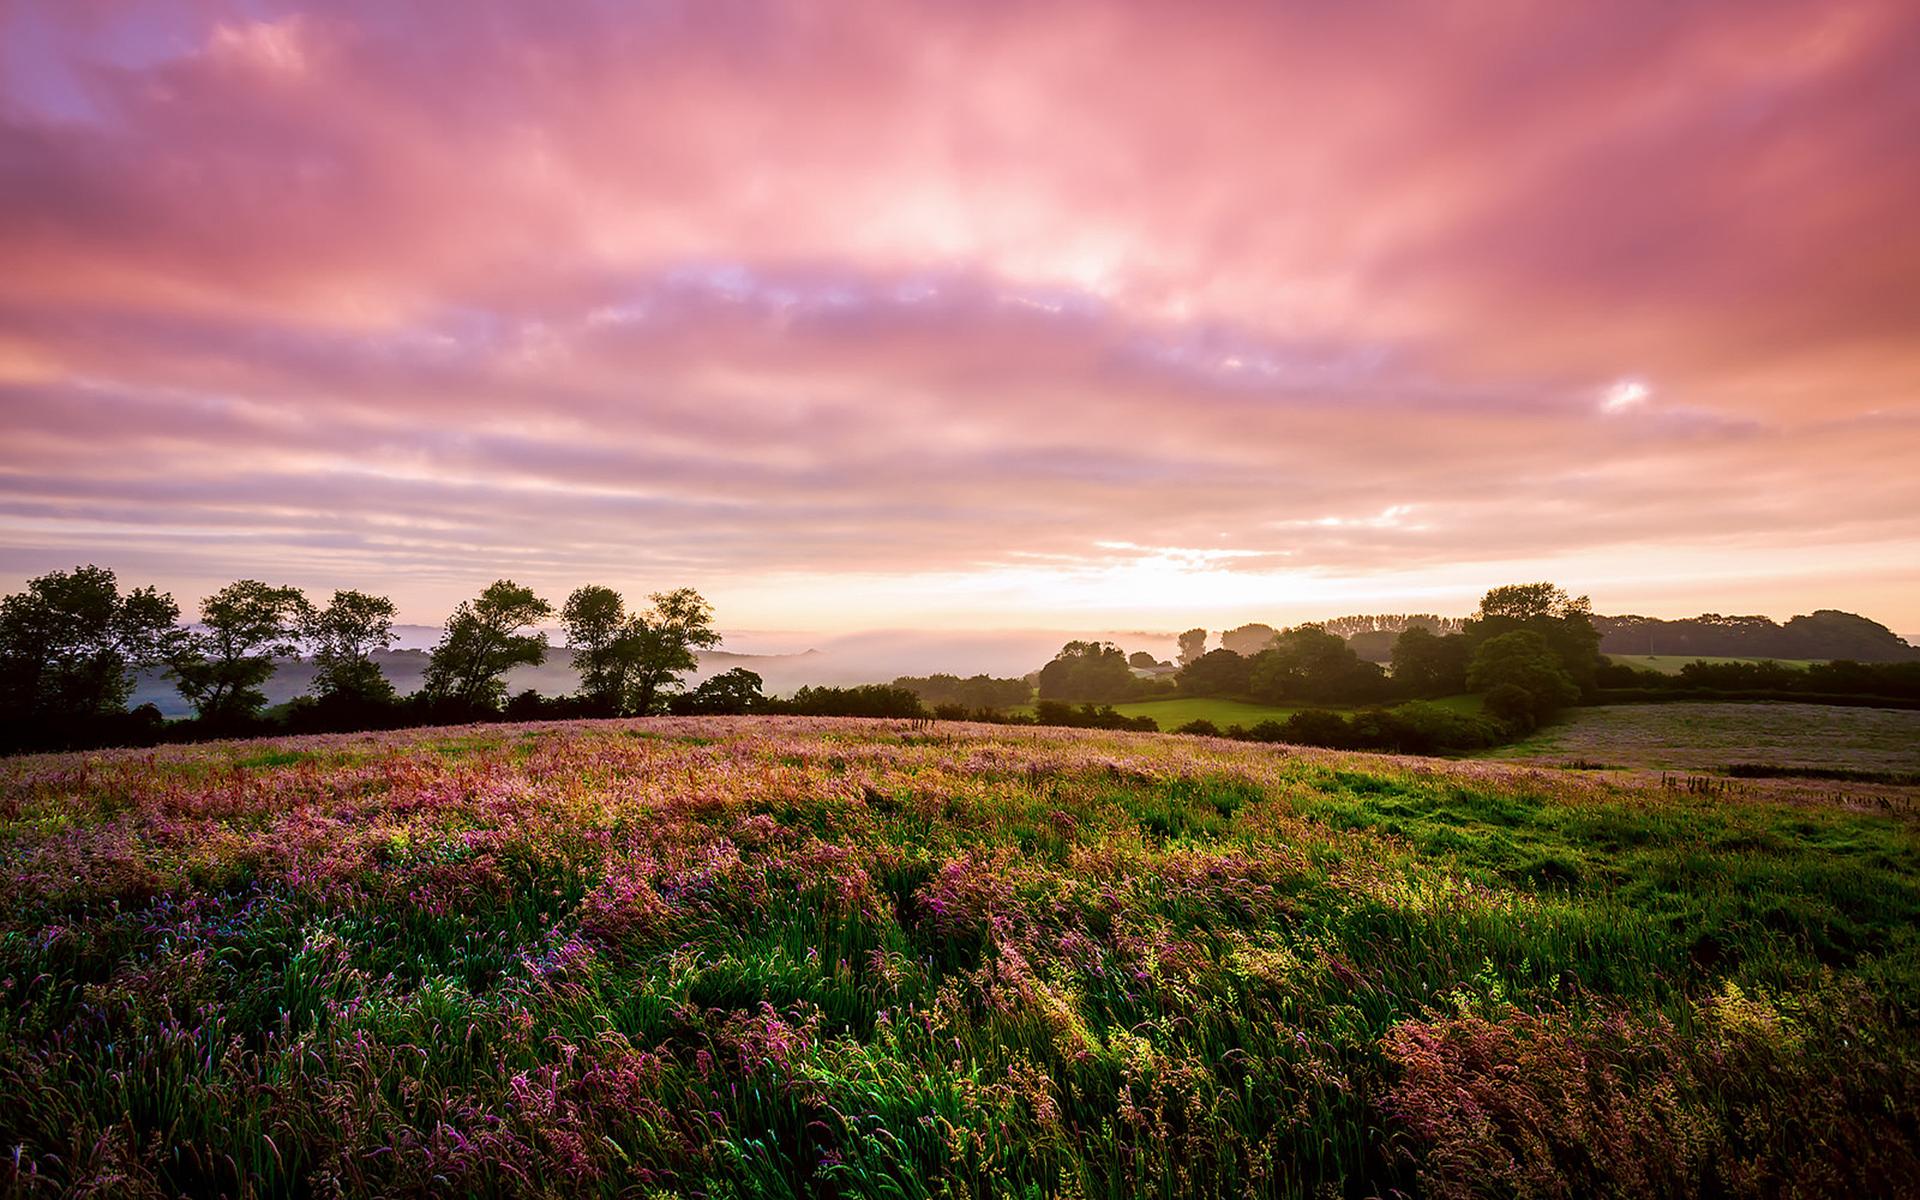 него сверху фото красивые пейзажи луга и поля чаще всего выбирают